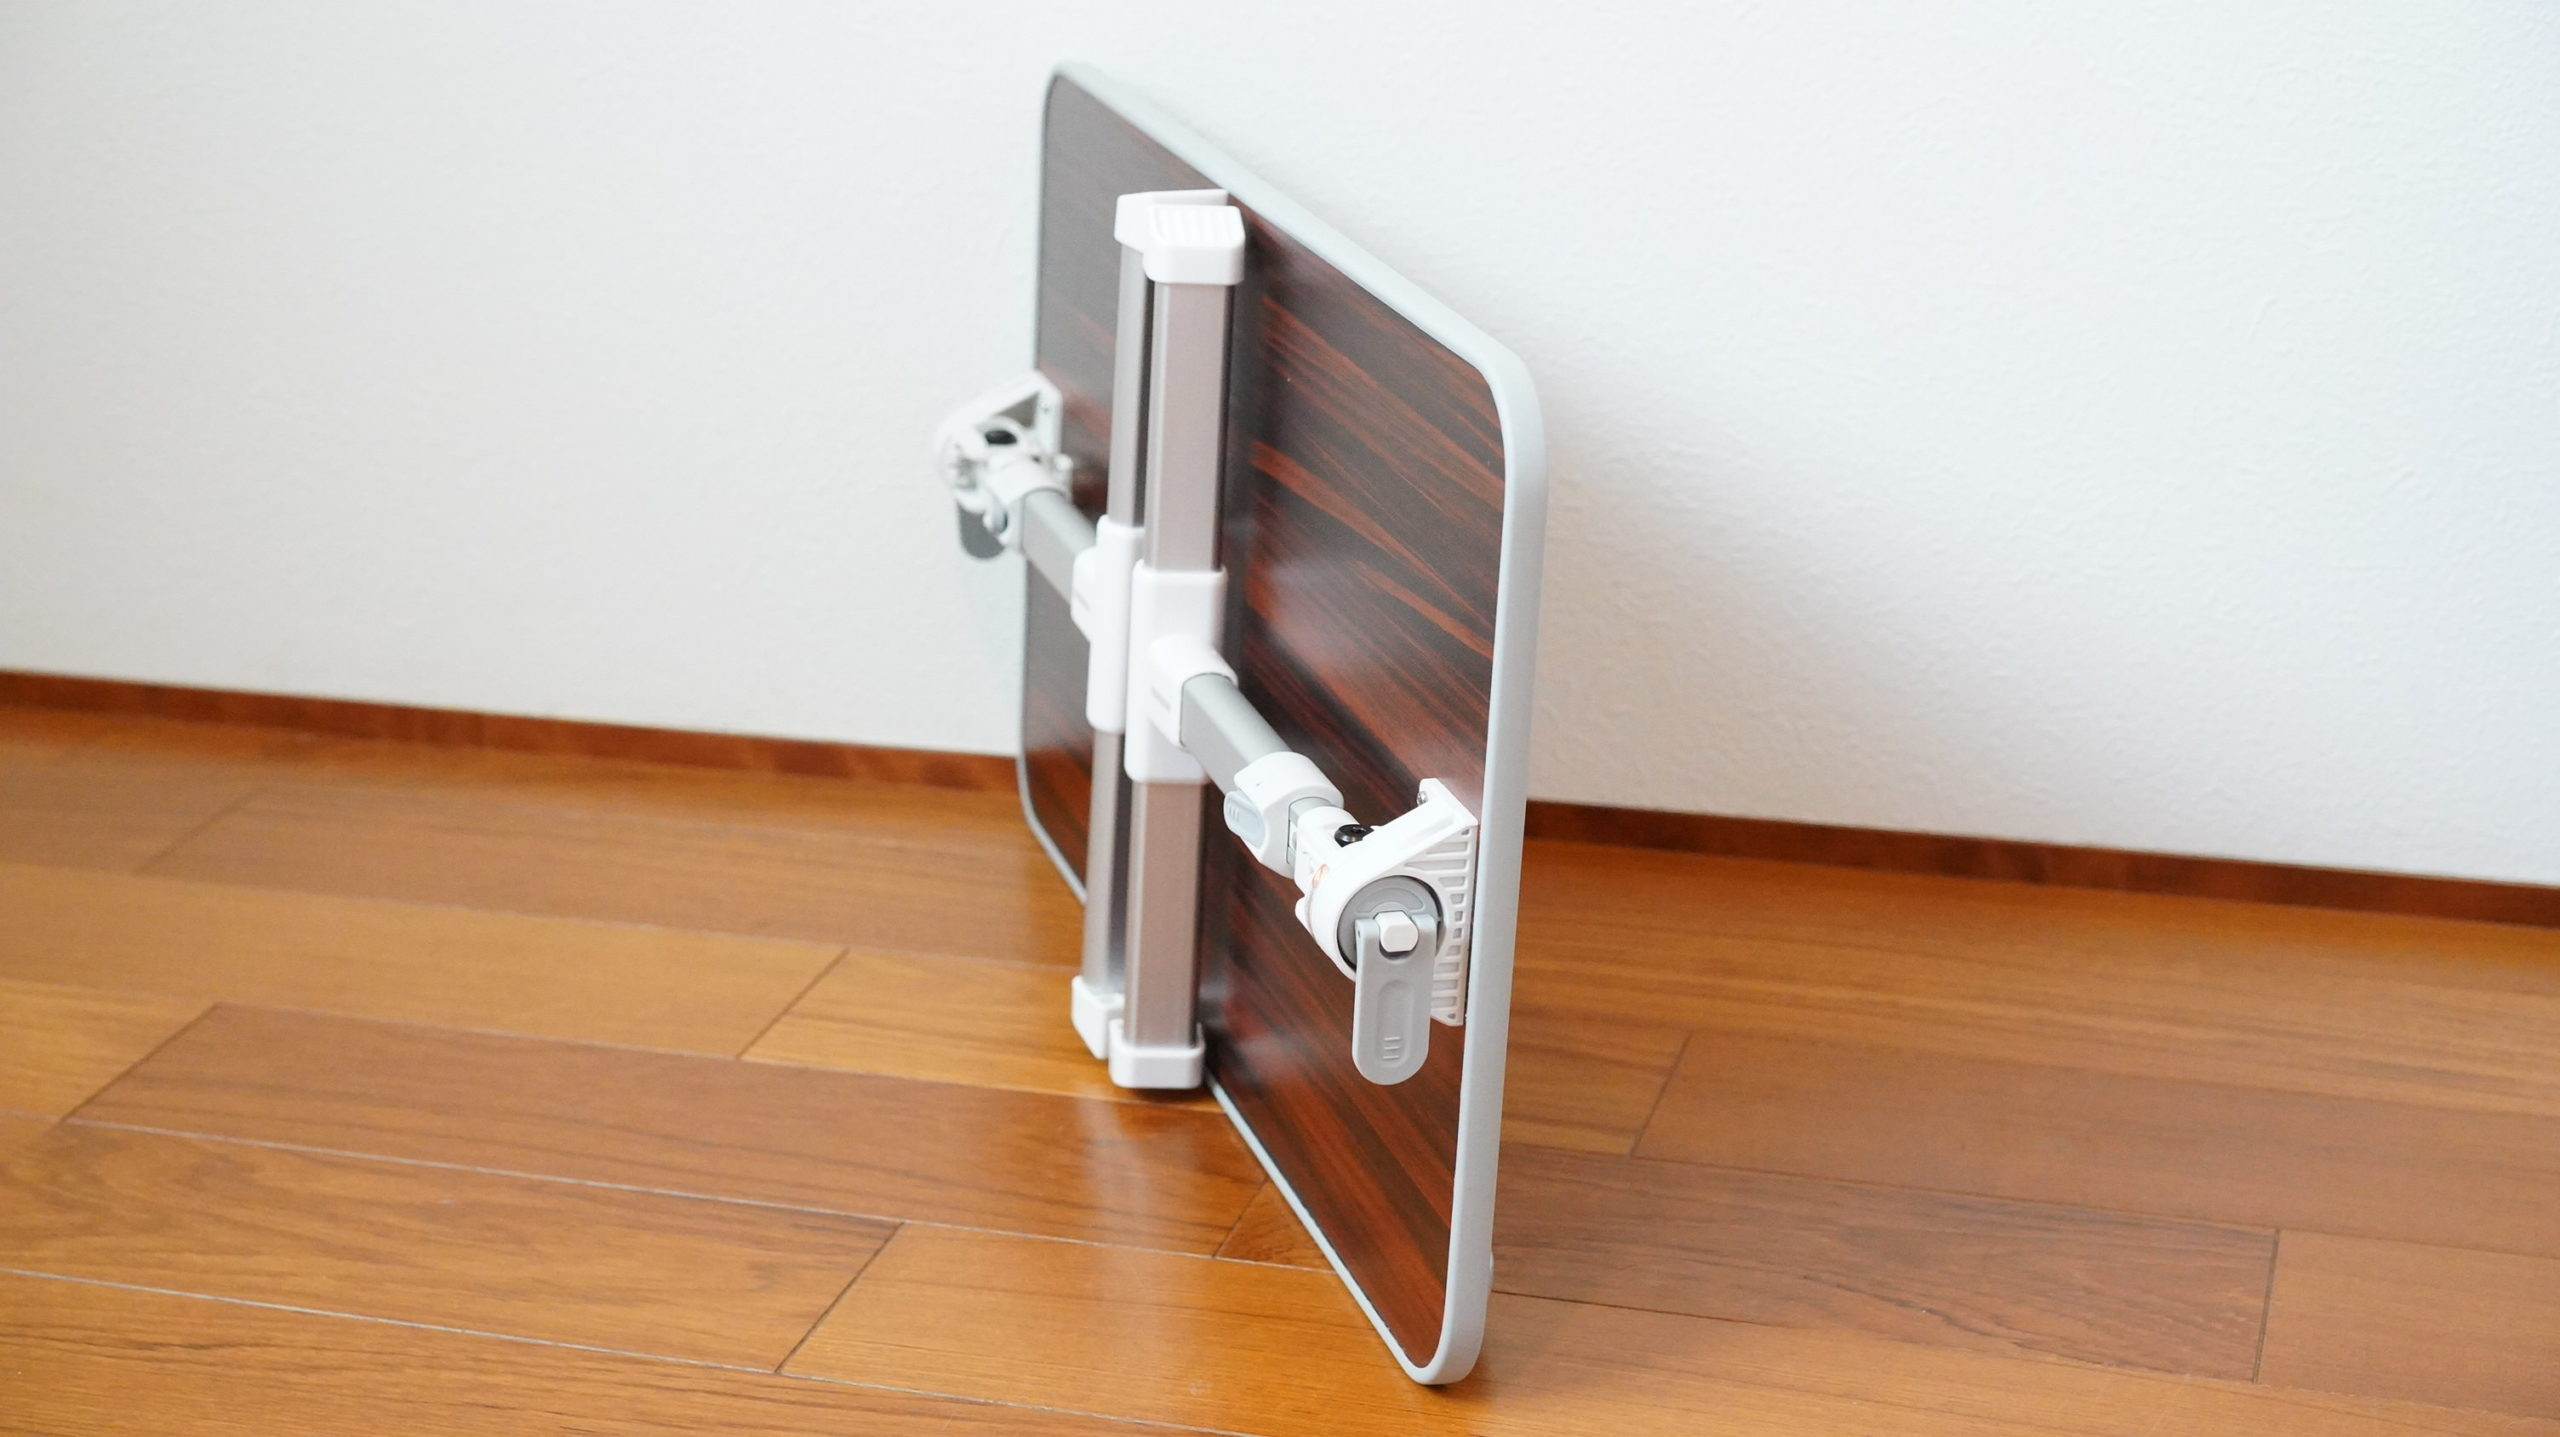 ソファやベッドでパソコン(ノートPC)の作業を姿勢良く行い、膝での作業をなくす最適なテーブル・スタンド16